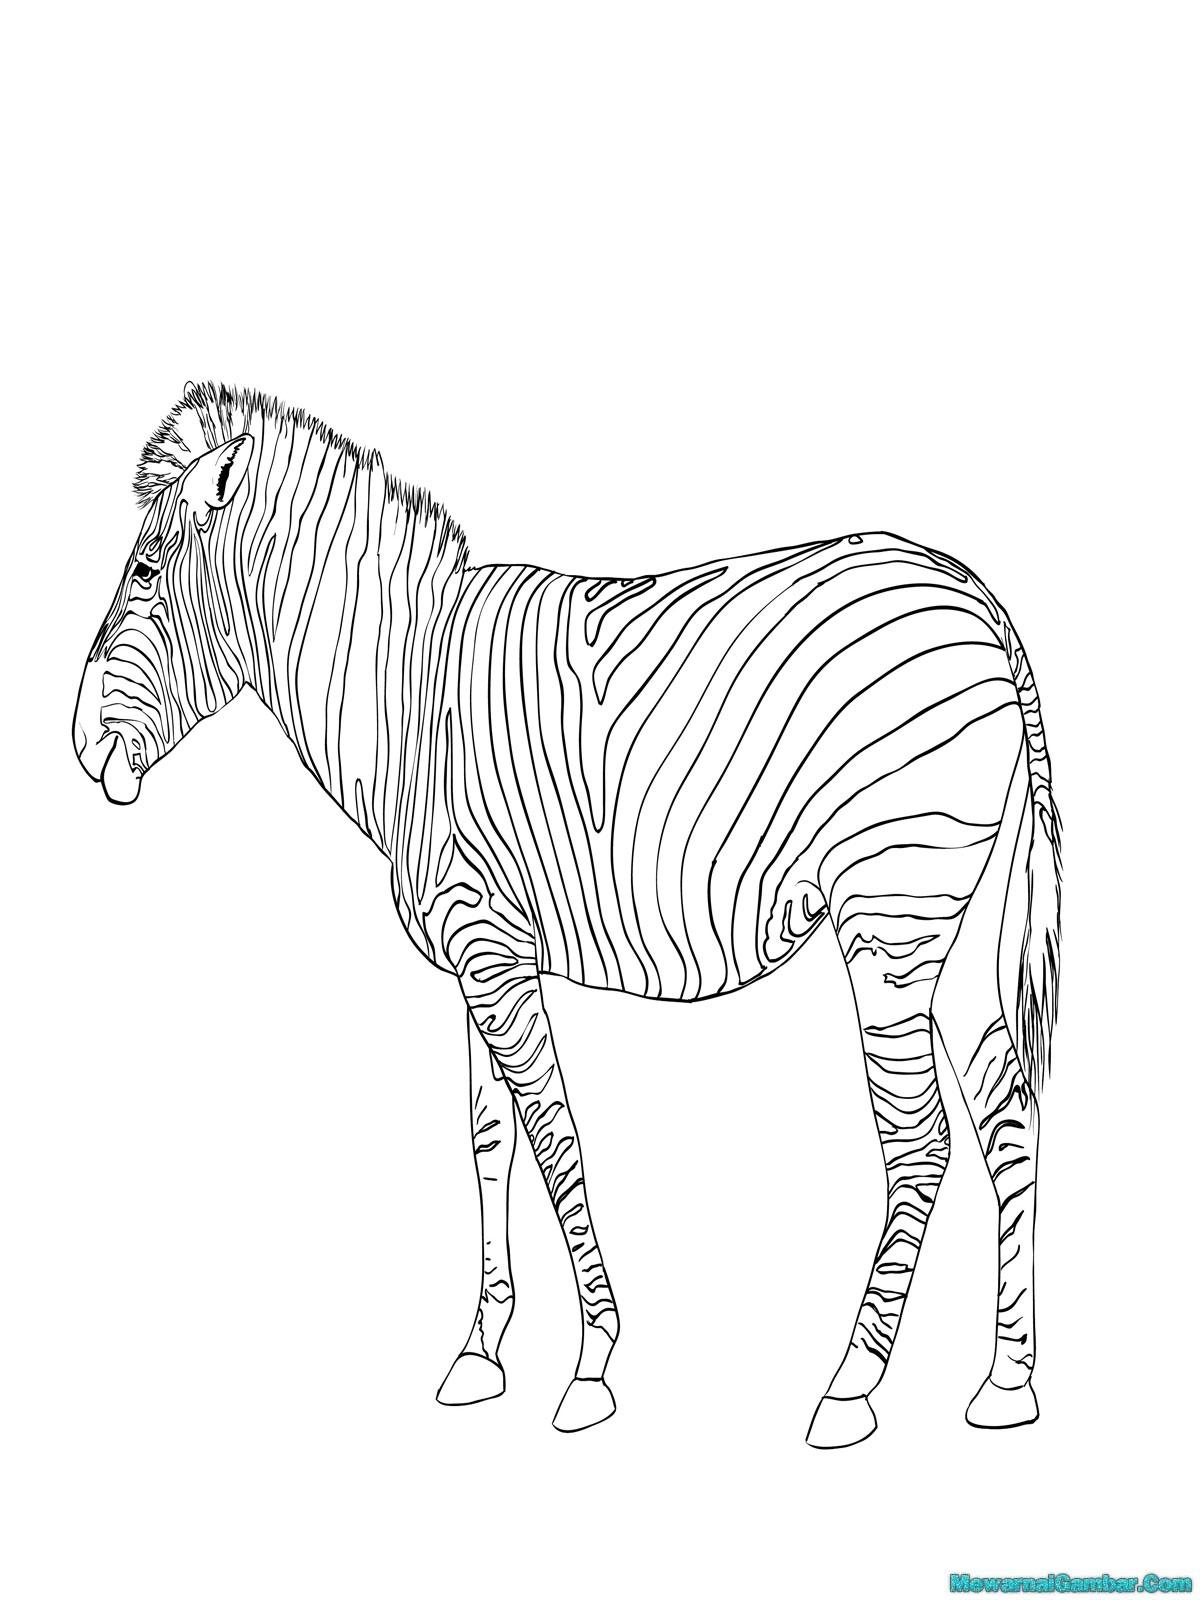 Gambar Kuda Zebra Untuk Mewarnai